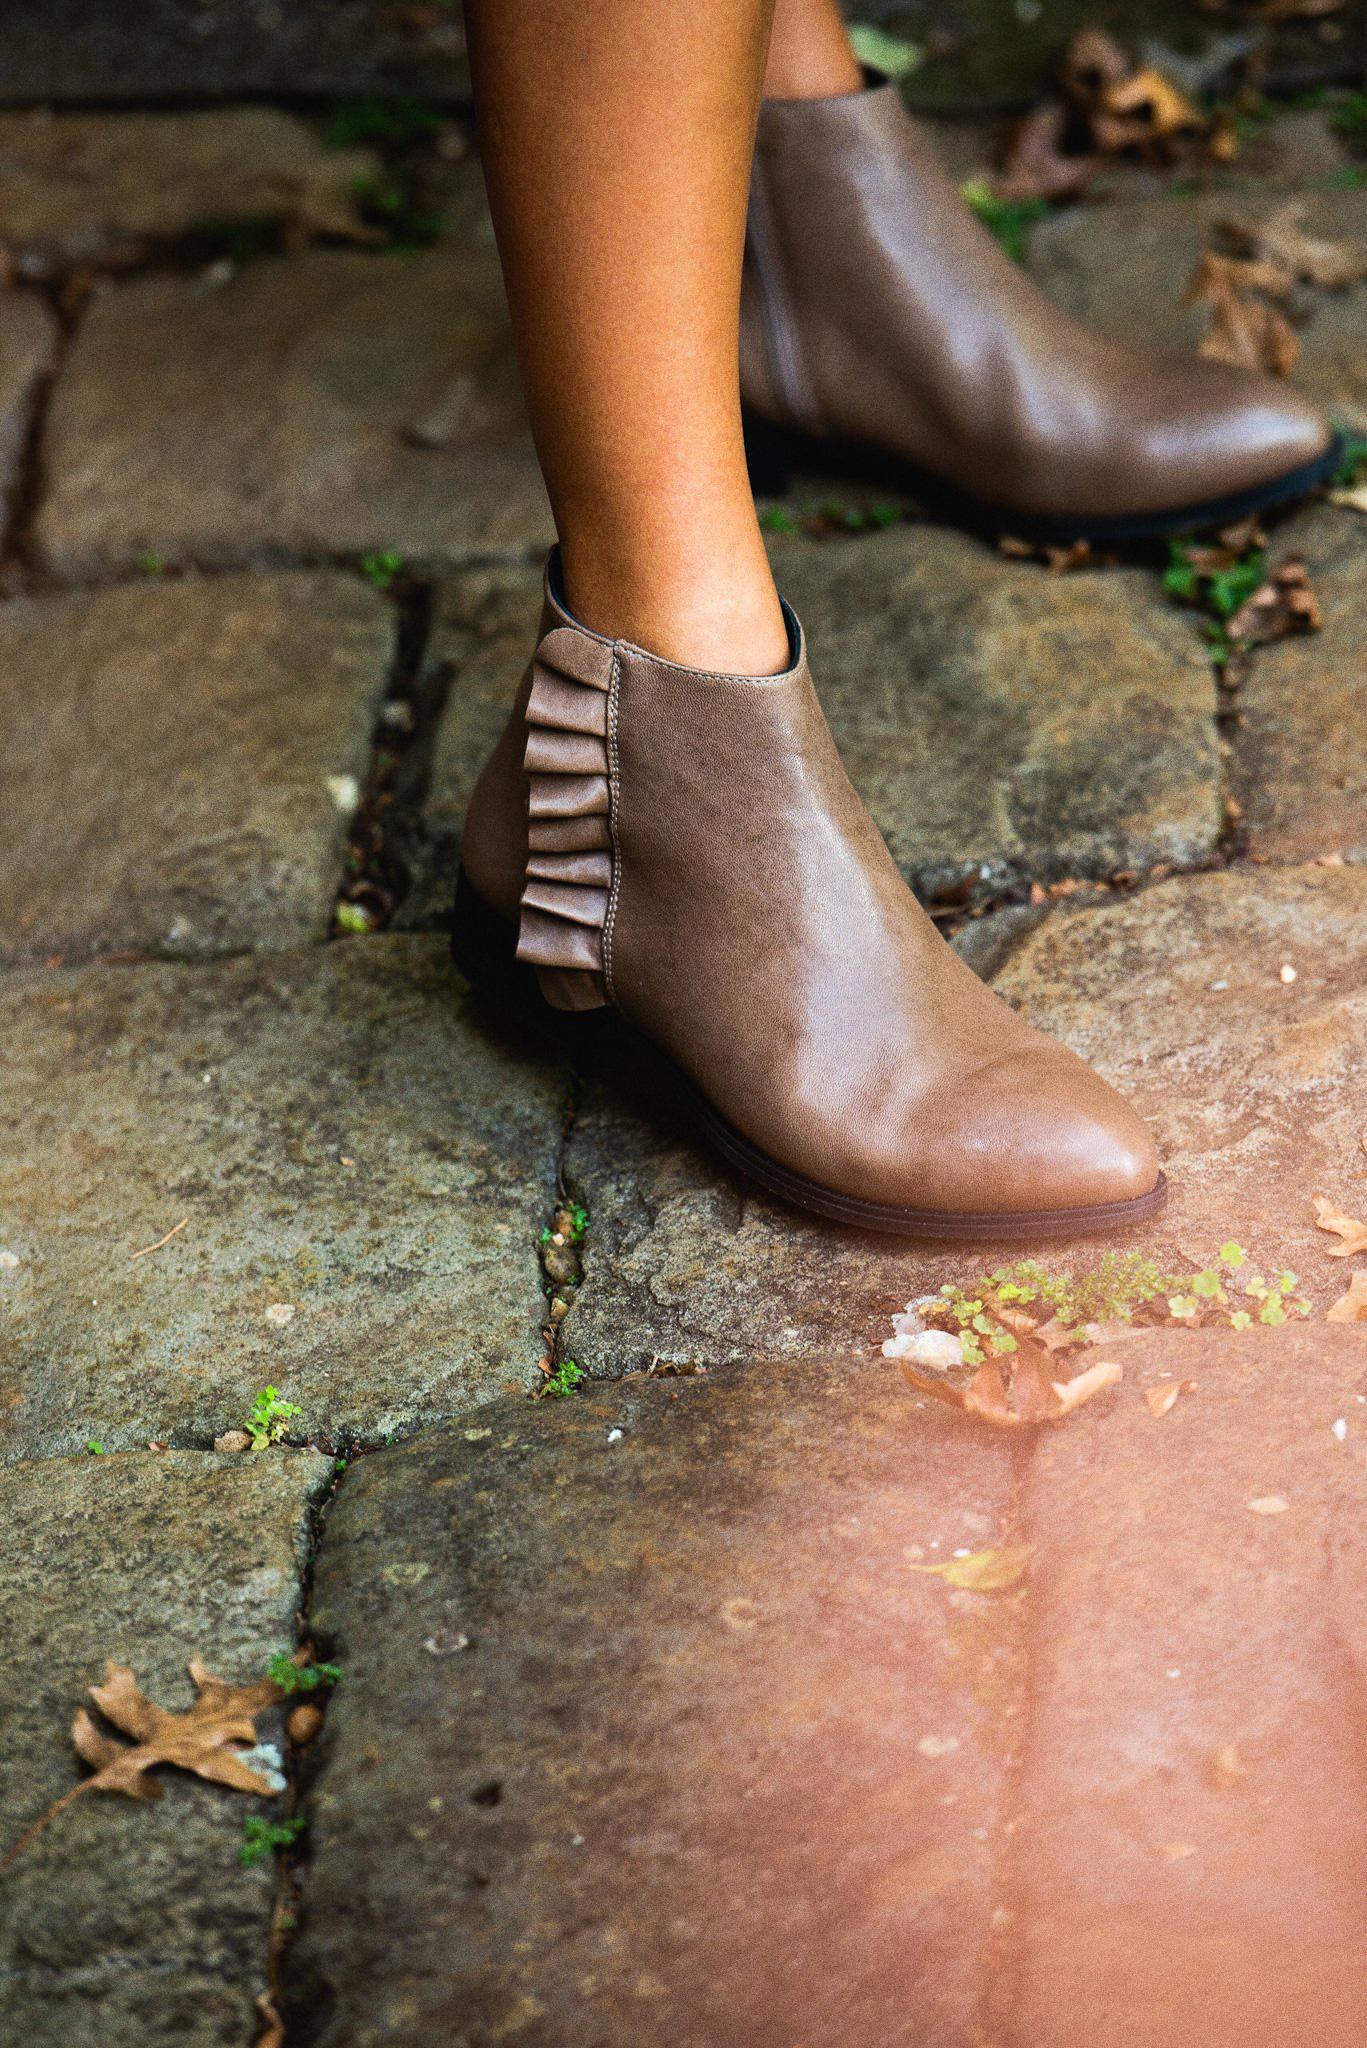 Gaimo Boots Adelaide Boot Asfalto $240